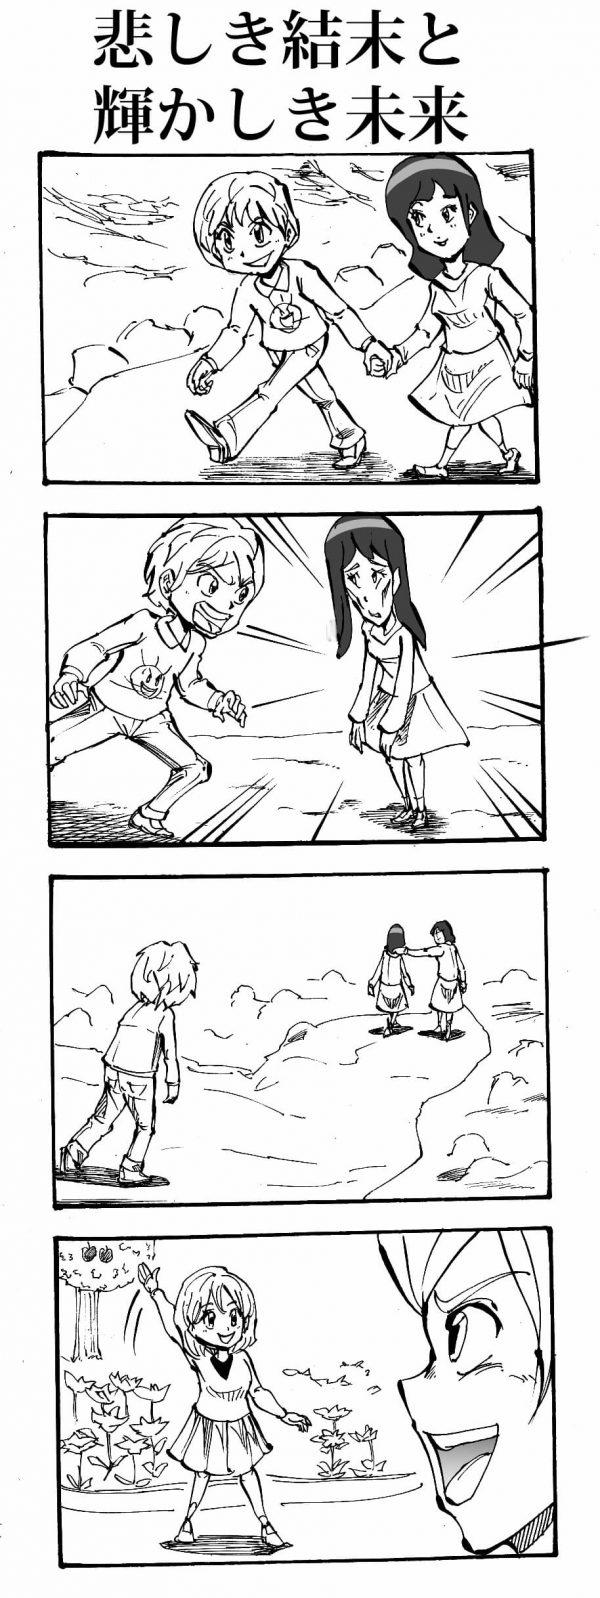 悲しき結末と輝かしき未来 四コマ漫画